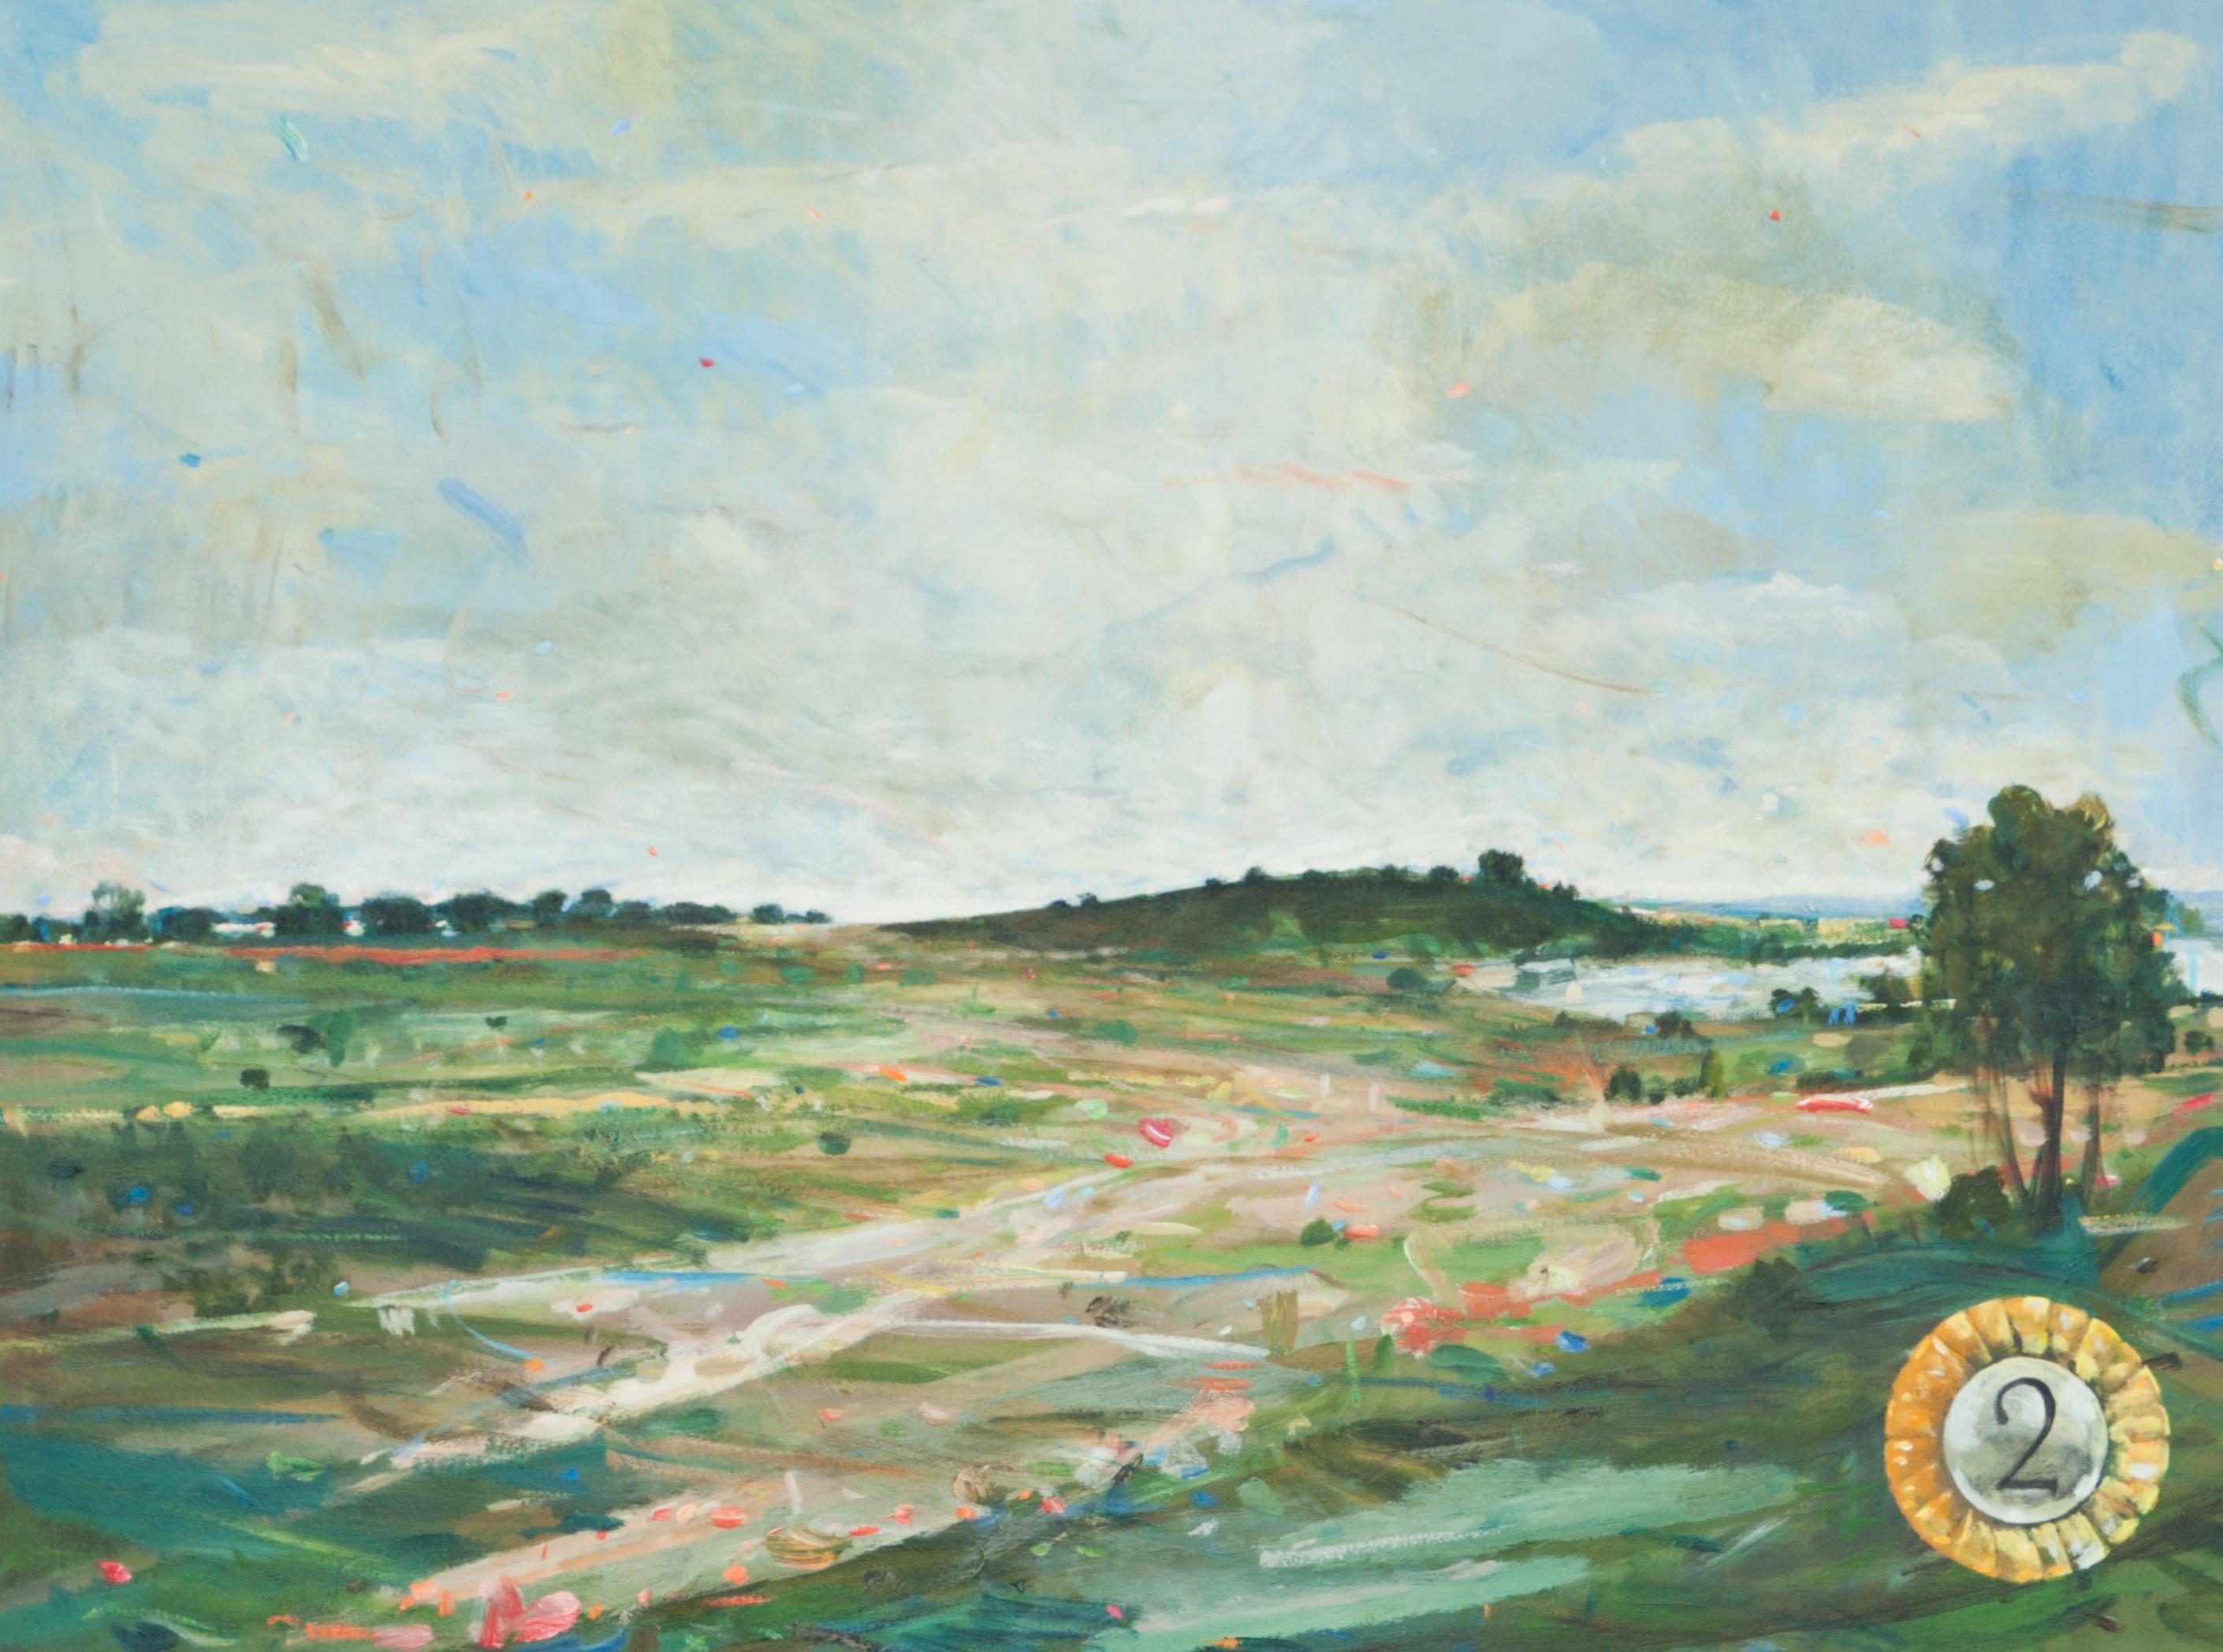 Thomas Edetun - Landskap 2 - Klicka för att byta till perspektivbild.